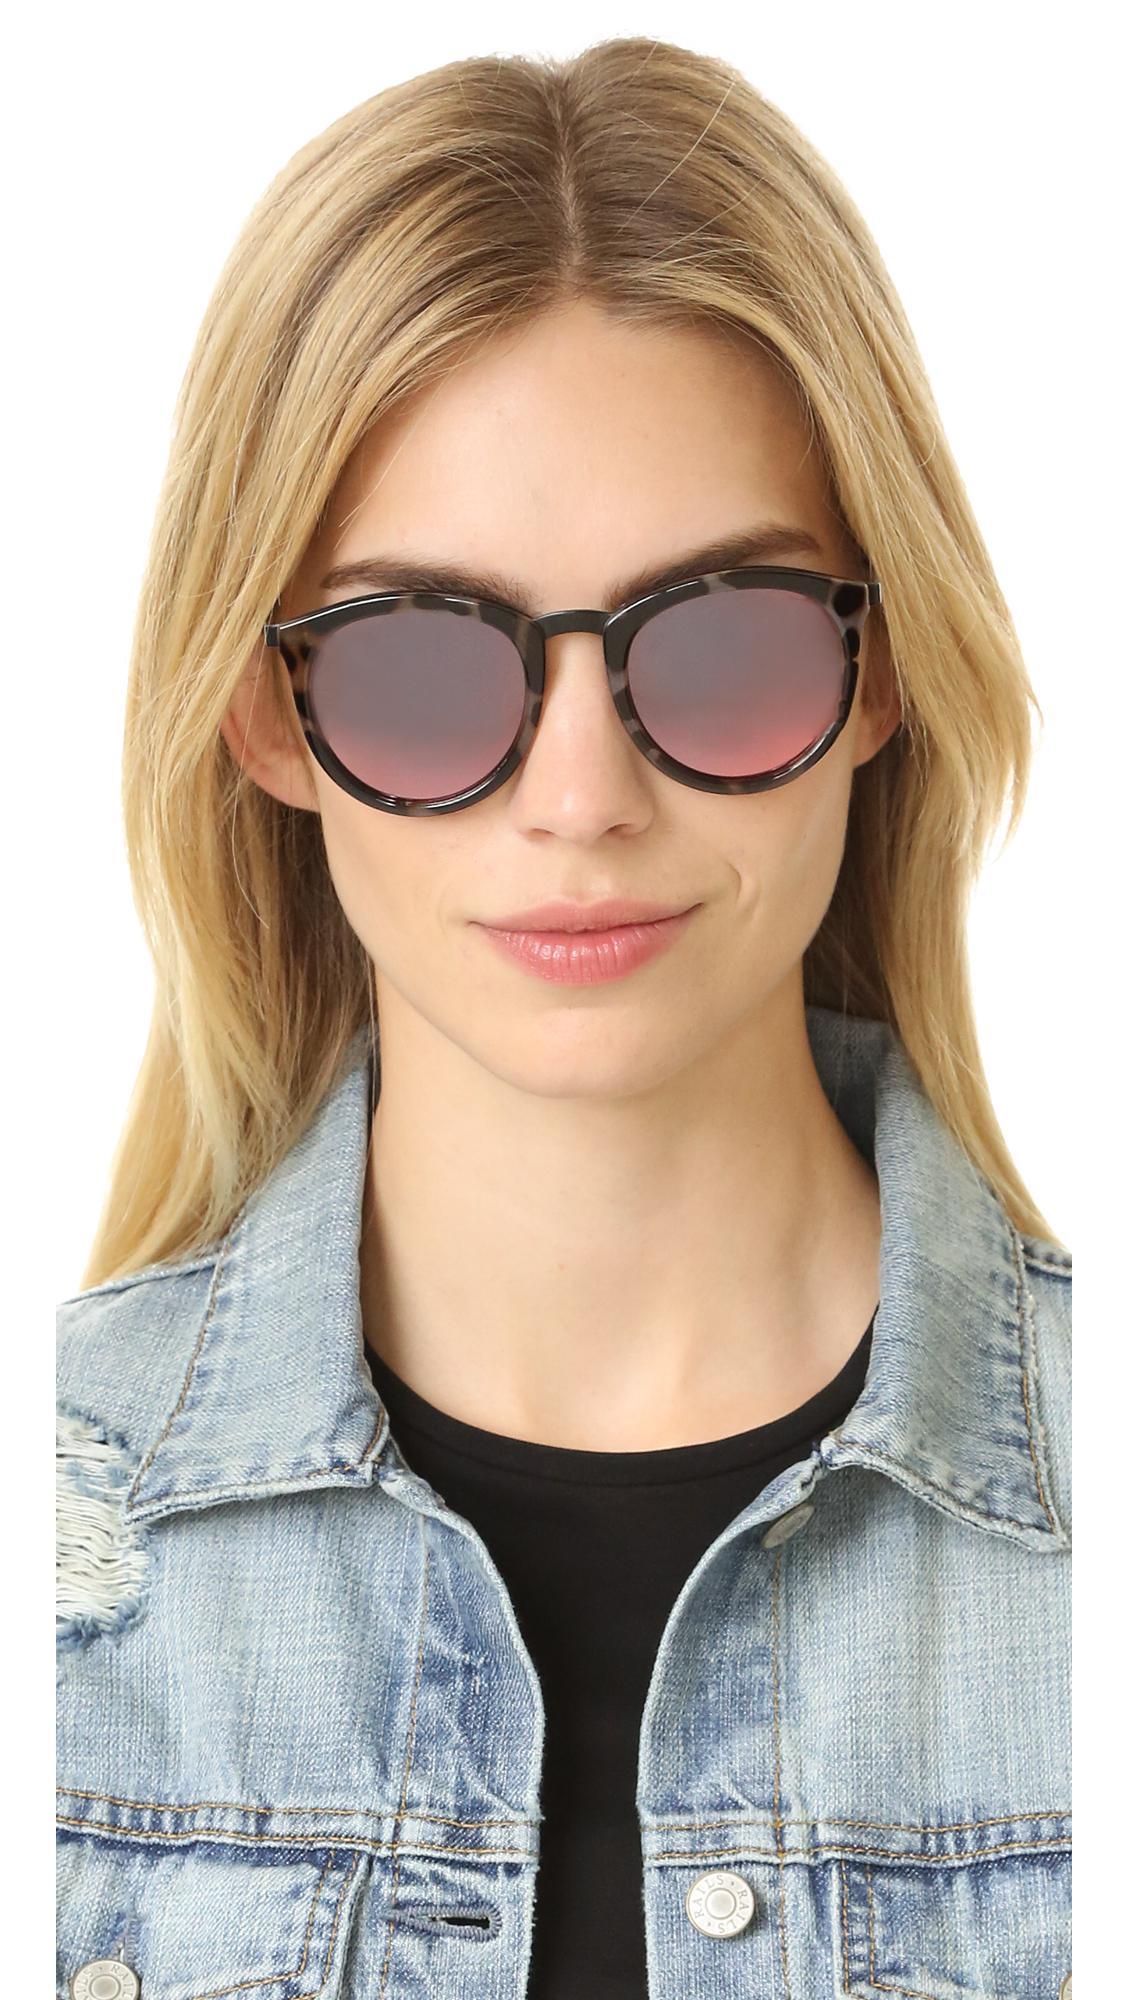 ee0b432218d Le Specs - Multicolor No Smirking Sunglasses - Lyst. View fullscreen